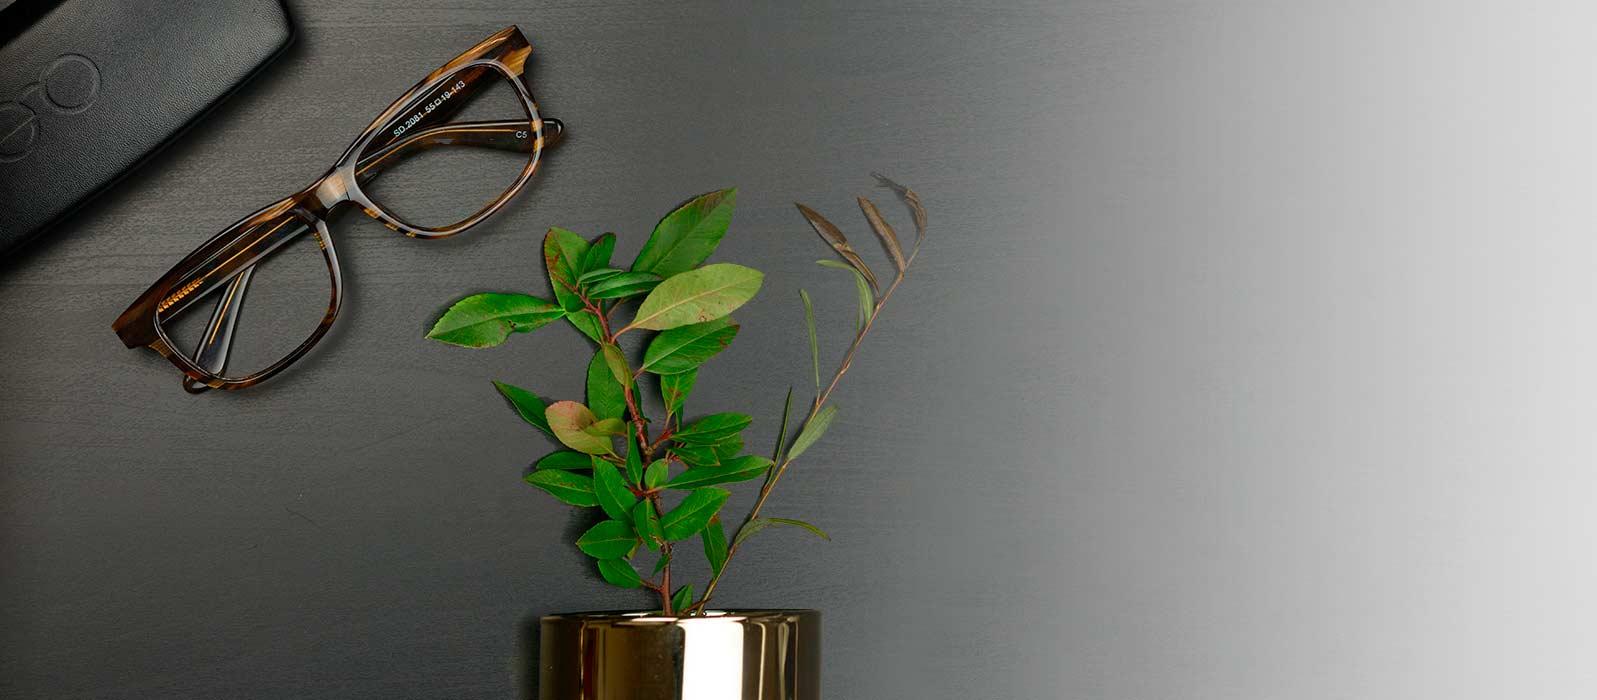 briller på et bord med sort duk og en grønn plante